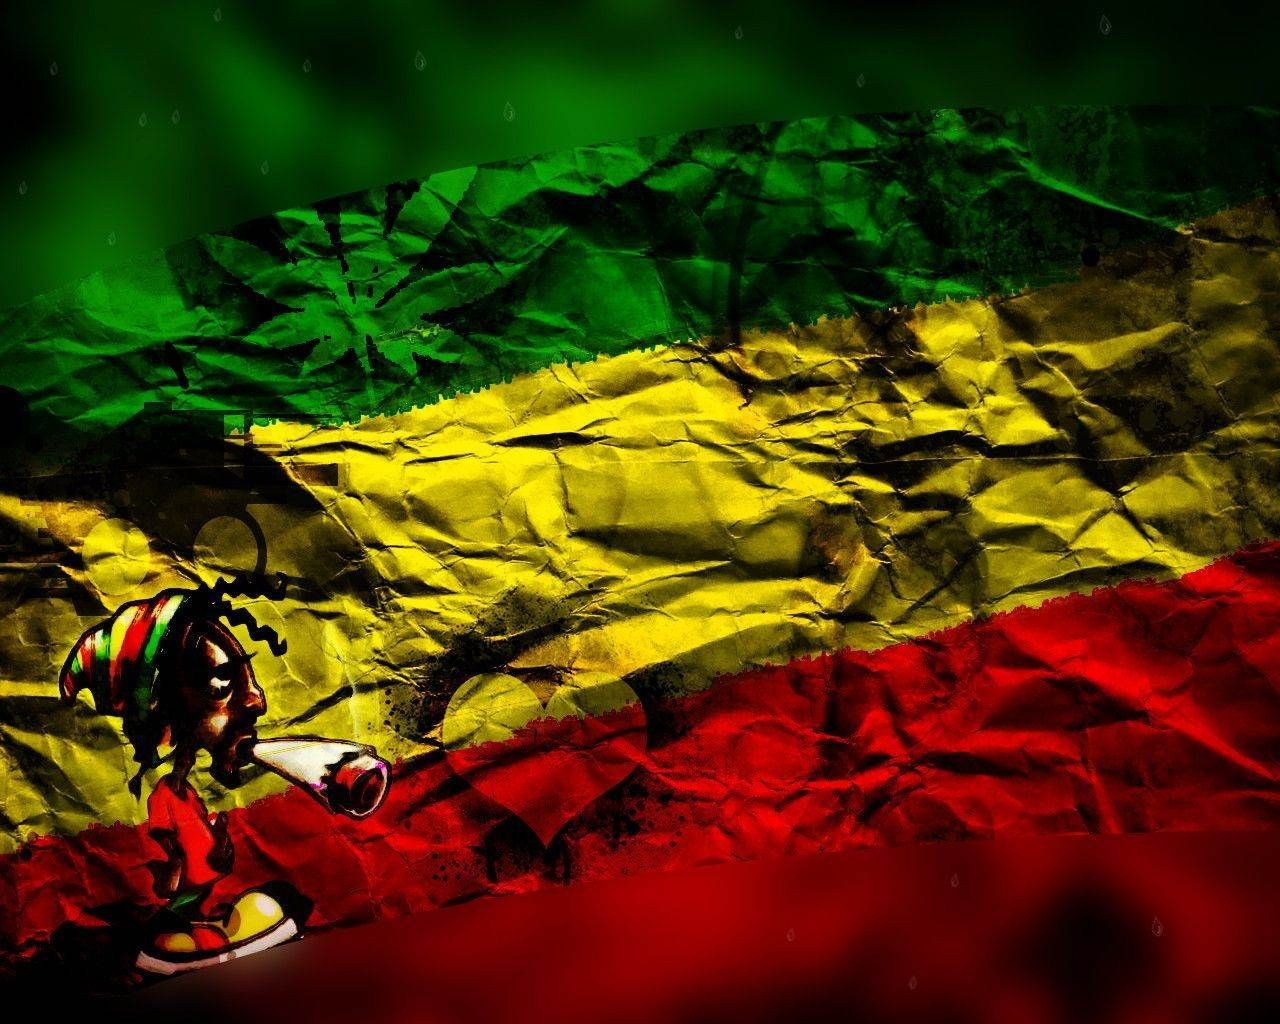 Reggae Background Wallpapers Hd Wallpapers Inx 1280 1024 Reggae